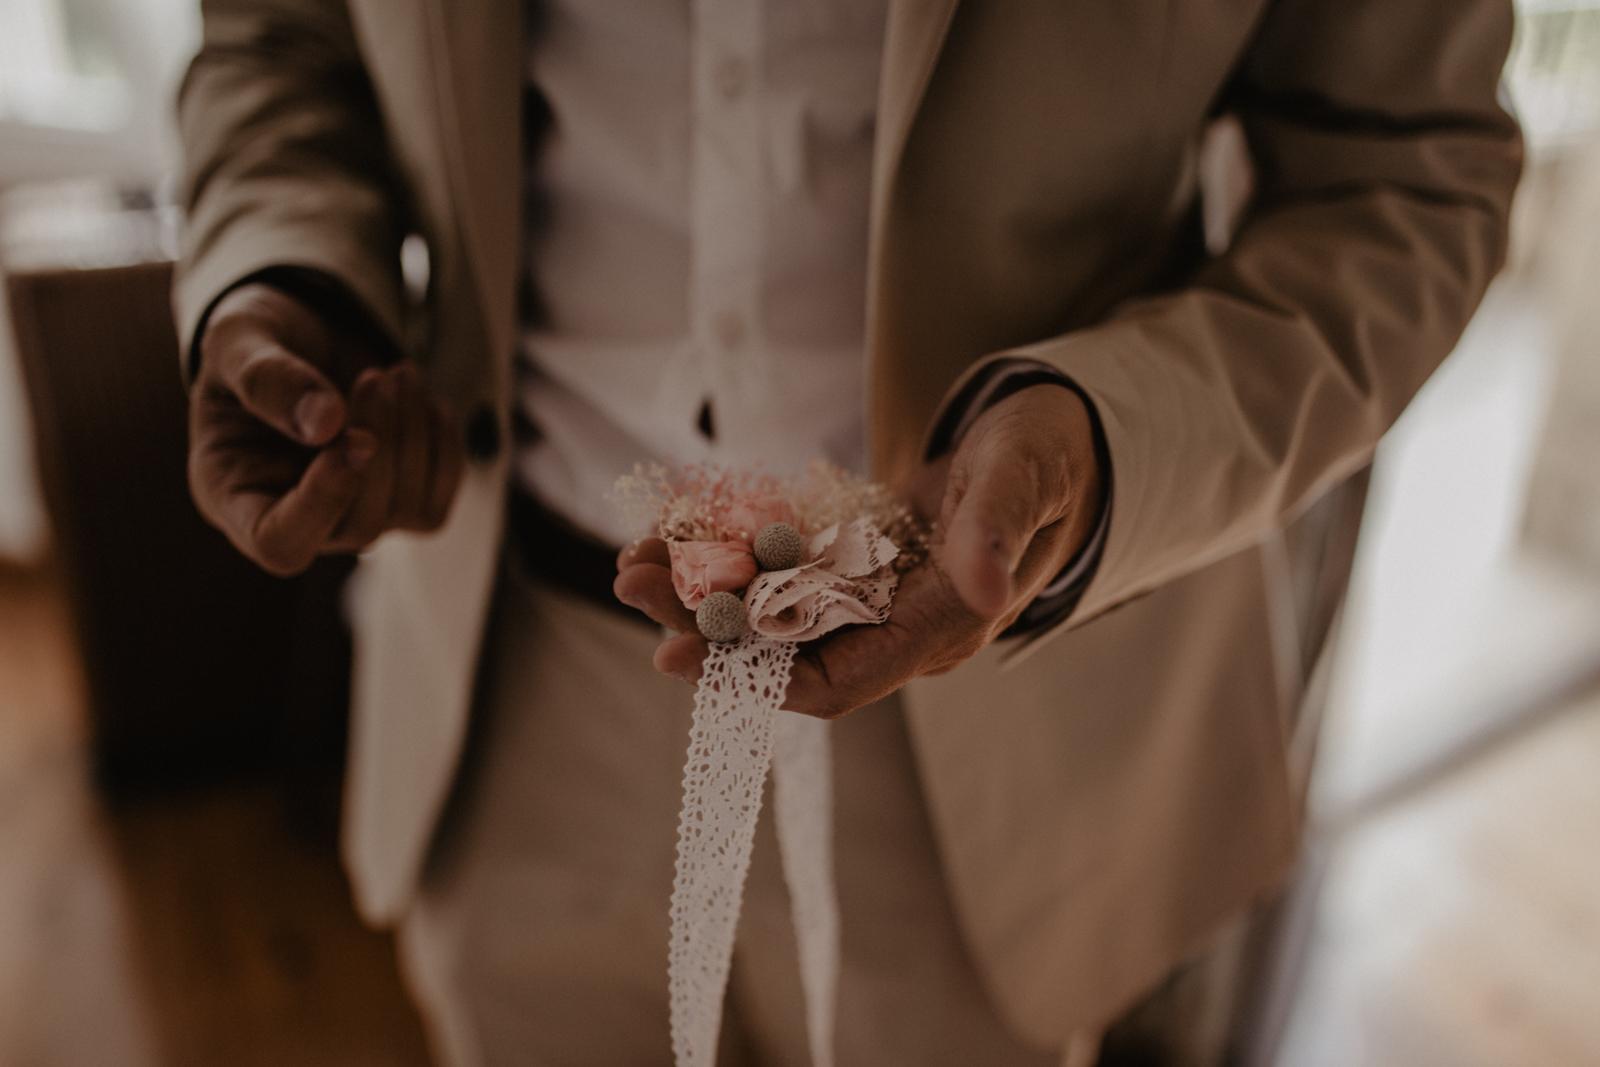 thenortherngirlphotography_photography_thenortherngirl_rebeccascabros_wedding_weddingphotography_weddingphotographer_barcelona_bodaenlabaronia_labaronia_japanesewedding_destinationwedding_shokoalbert-316.jpg